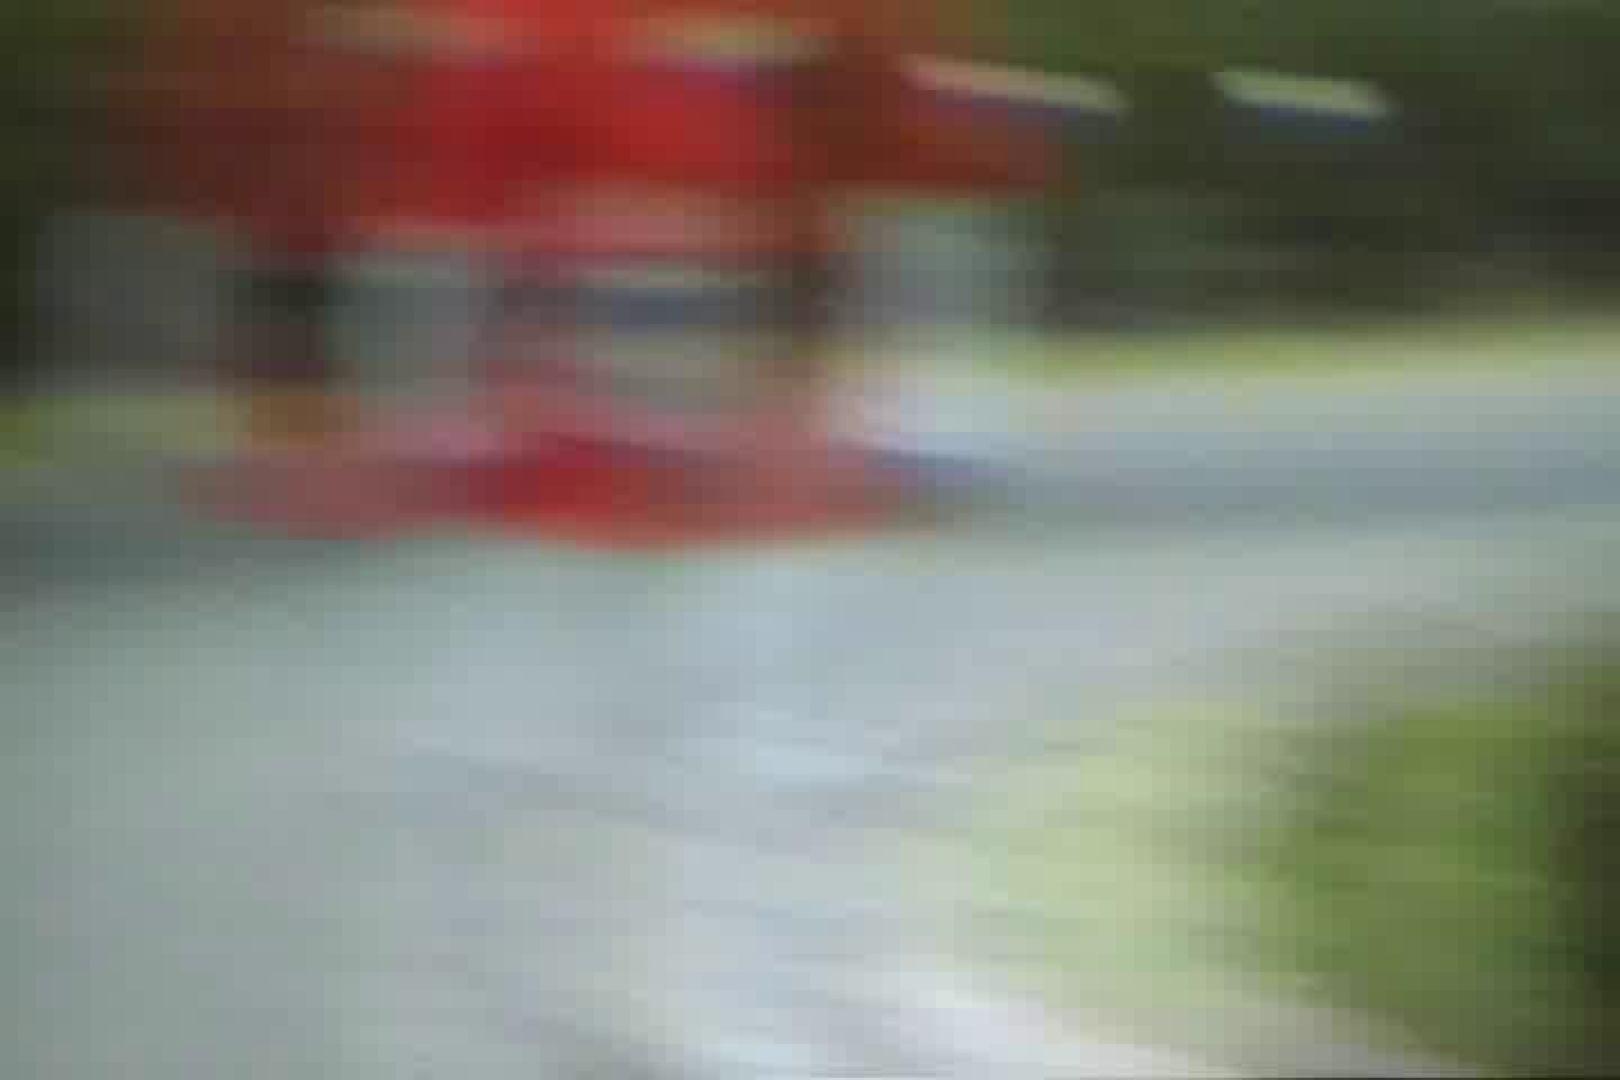 鉄人レース!!トライアスロンに挑む女性達!!Vol.4 乳首ポロリ | OLセックス  56画像 49